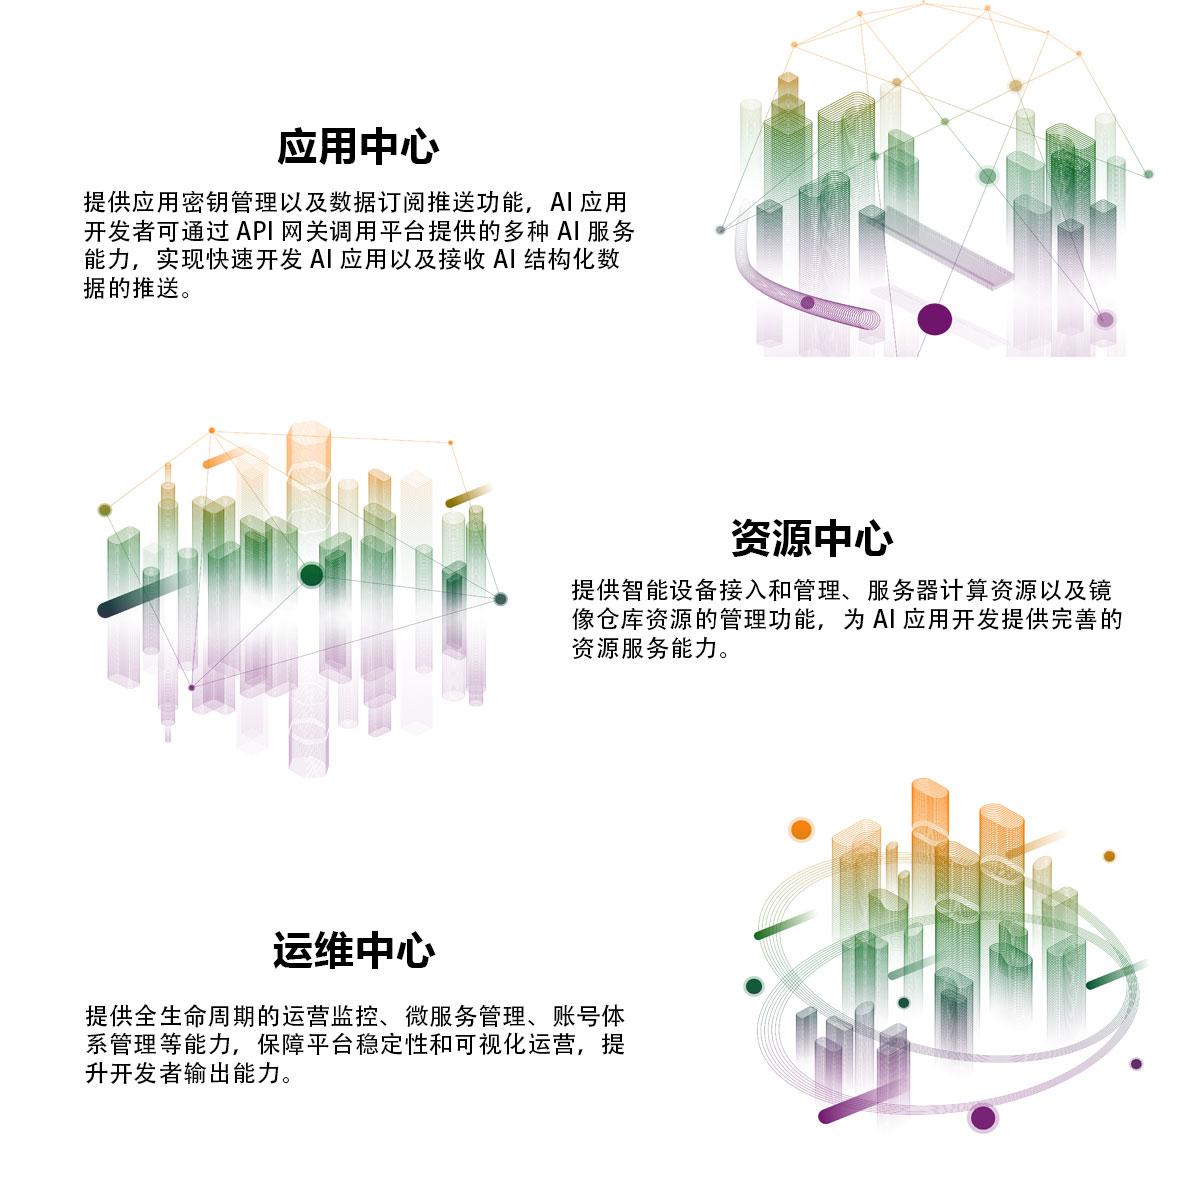 人工智能服务平台-TI-Matrix_04.jpg